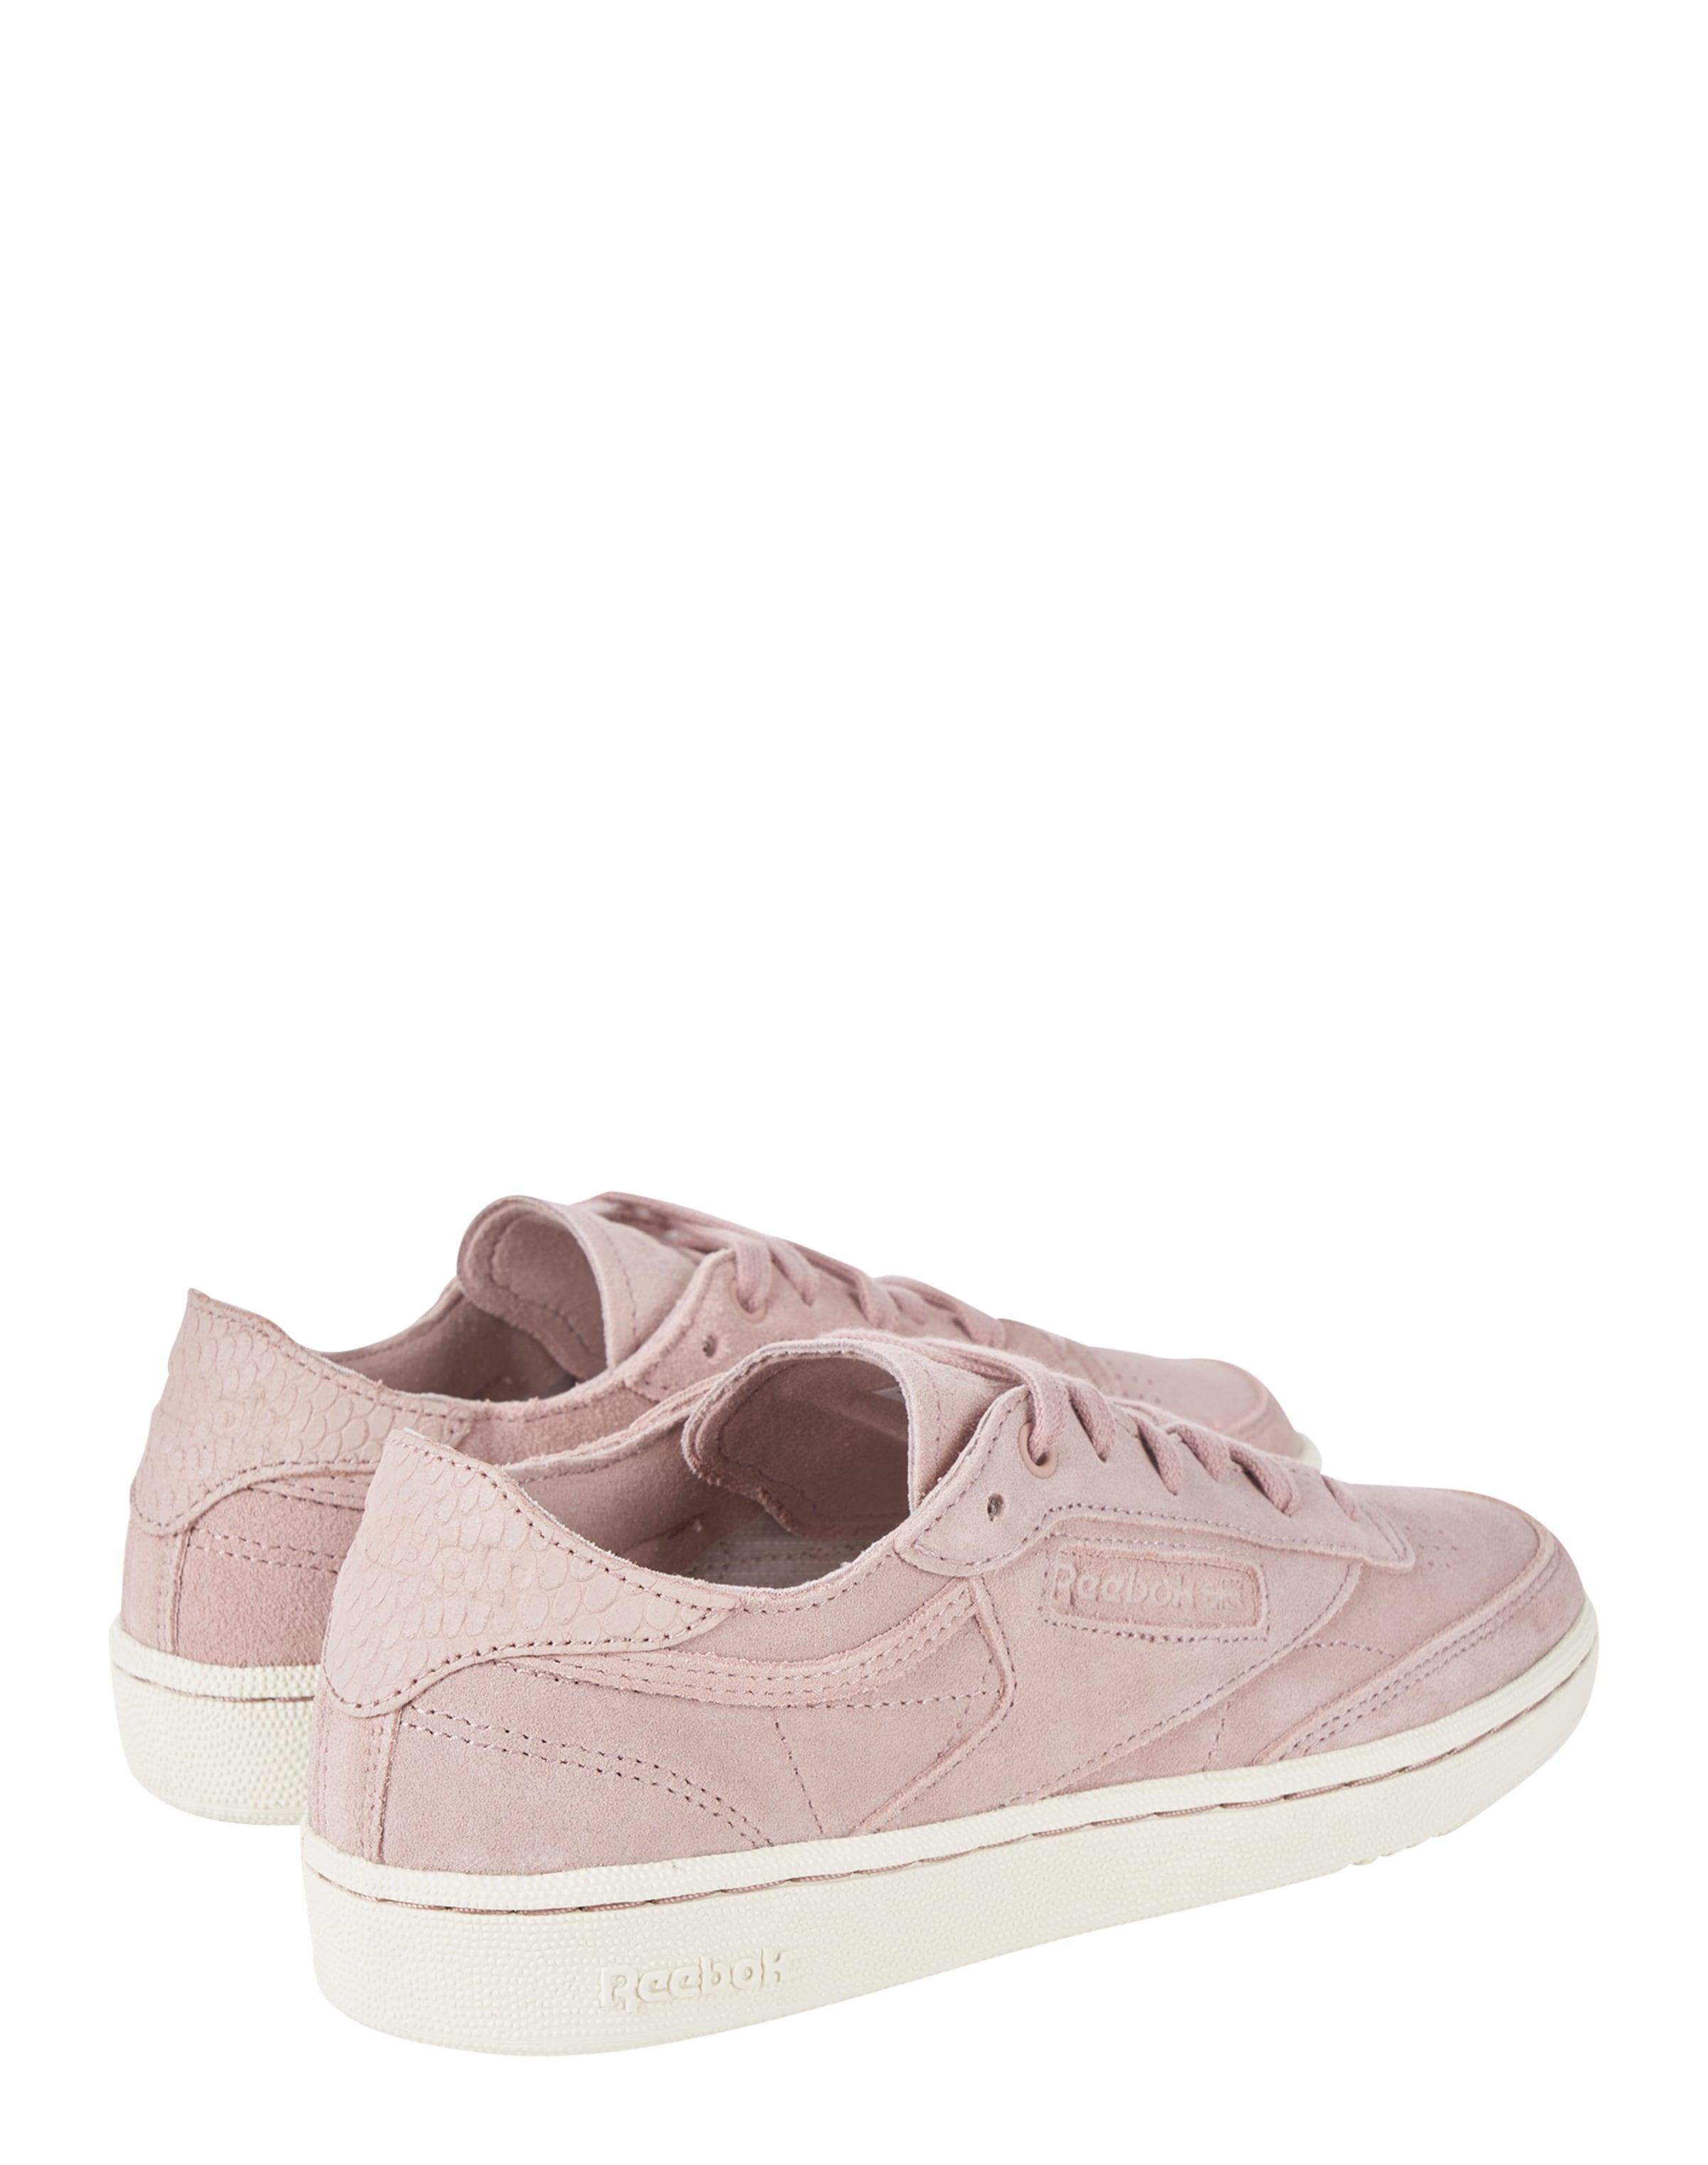 Reebok classic Sneaker 'Club C 85' Online-Shopping Günstig Online Bilder Perfekt Offizielle Seite Online Die Offizielle Website Zum Verkauf qGk9YND7Q